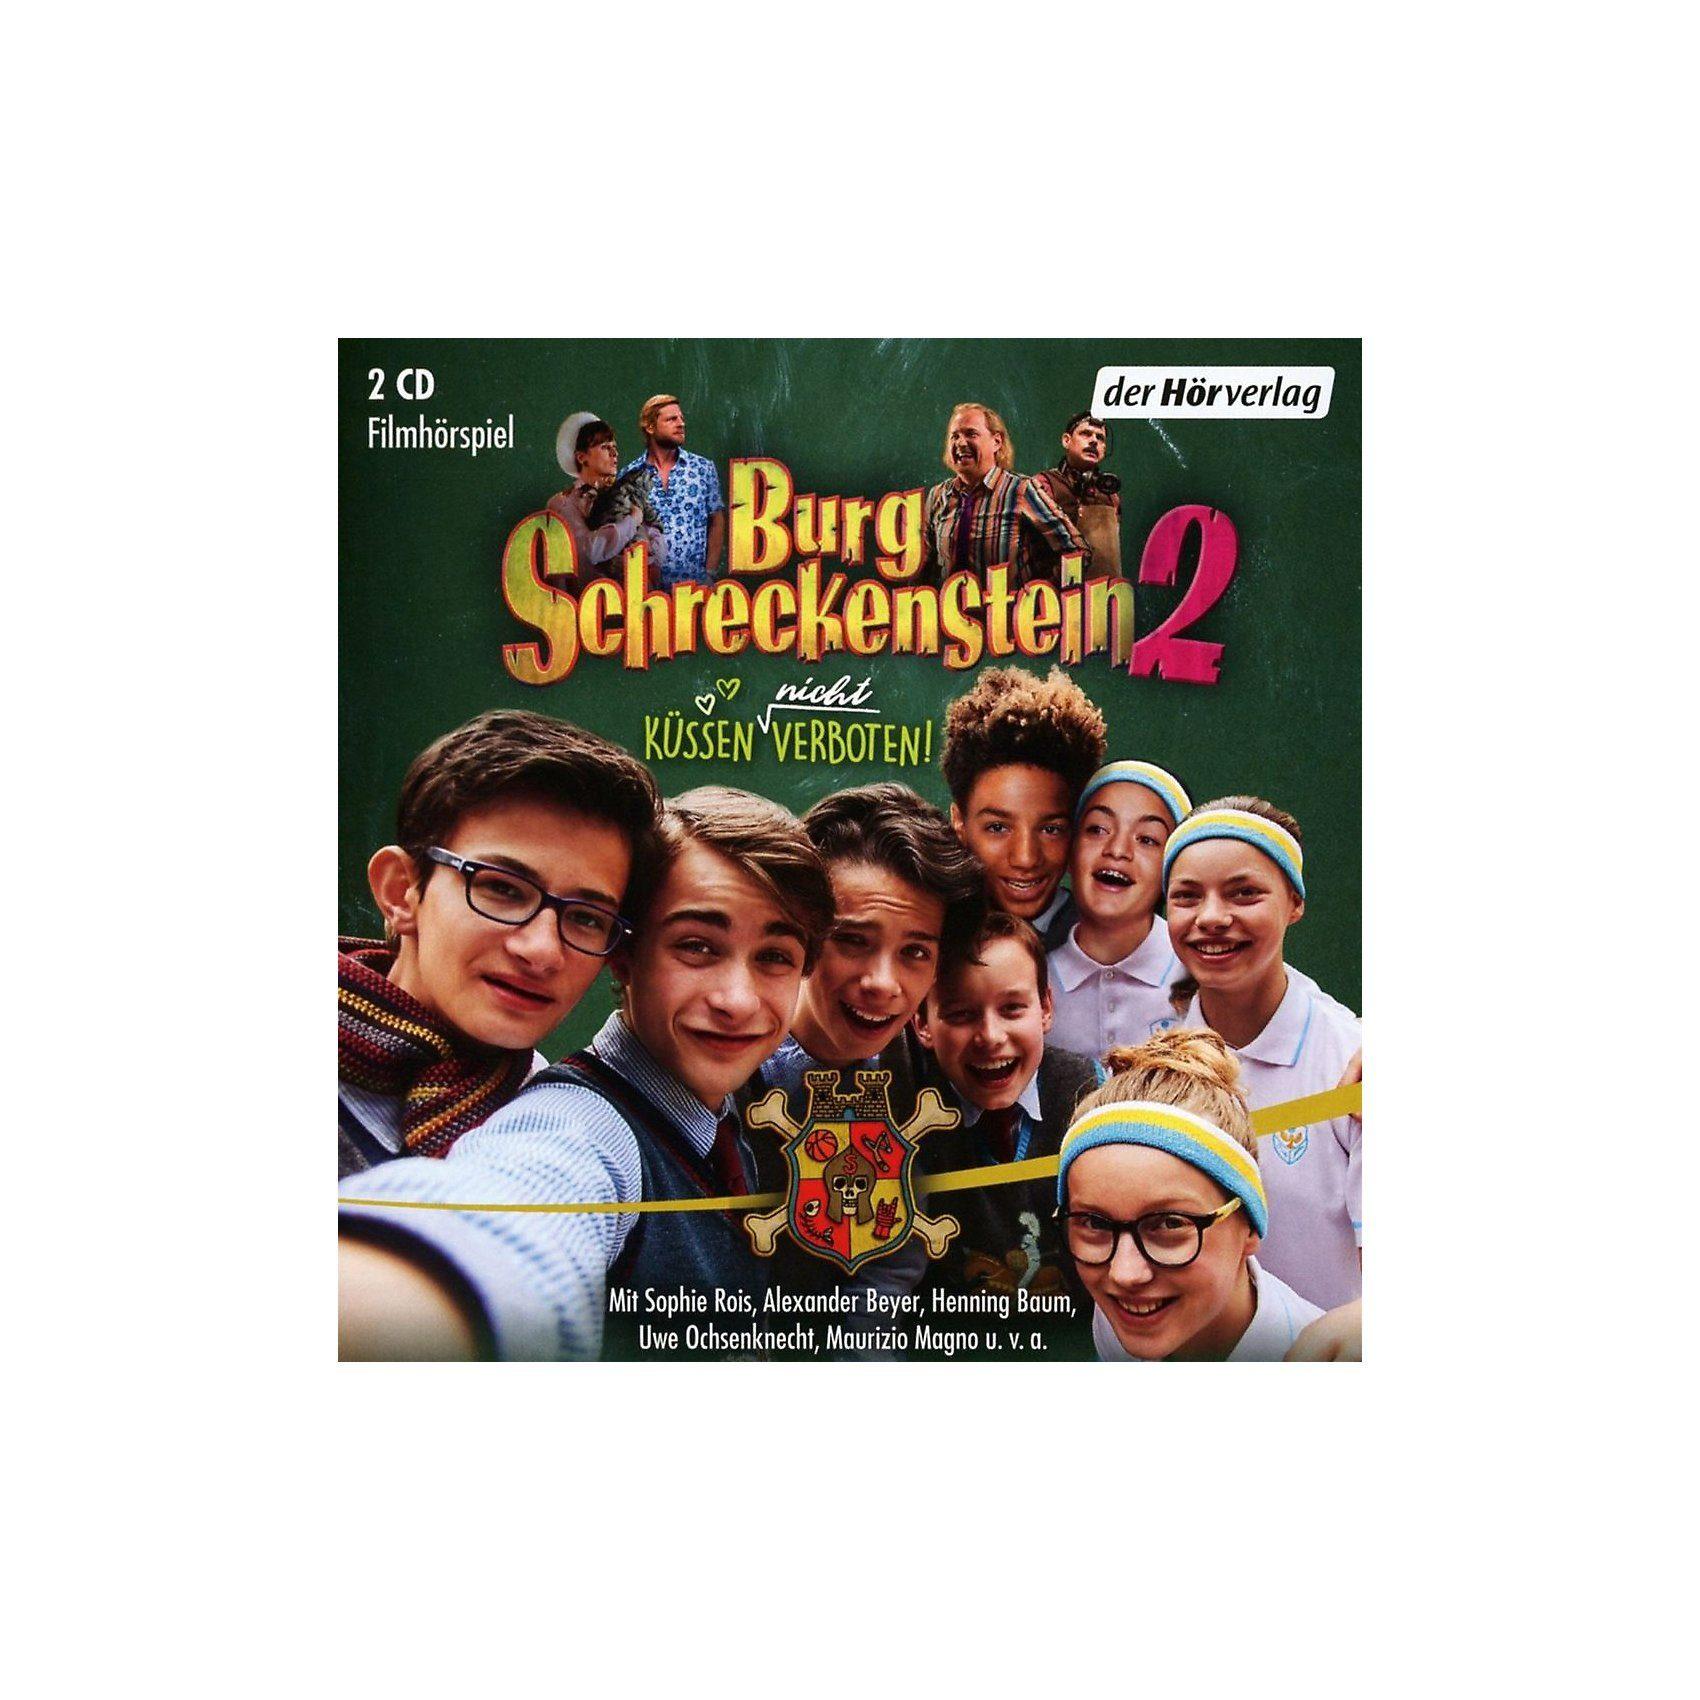 Edel CD Burg Schreckenstein 2 - Küssen (nicht) verboten (2 CDs)